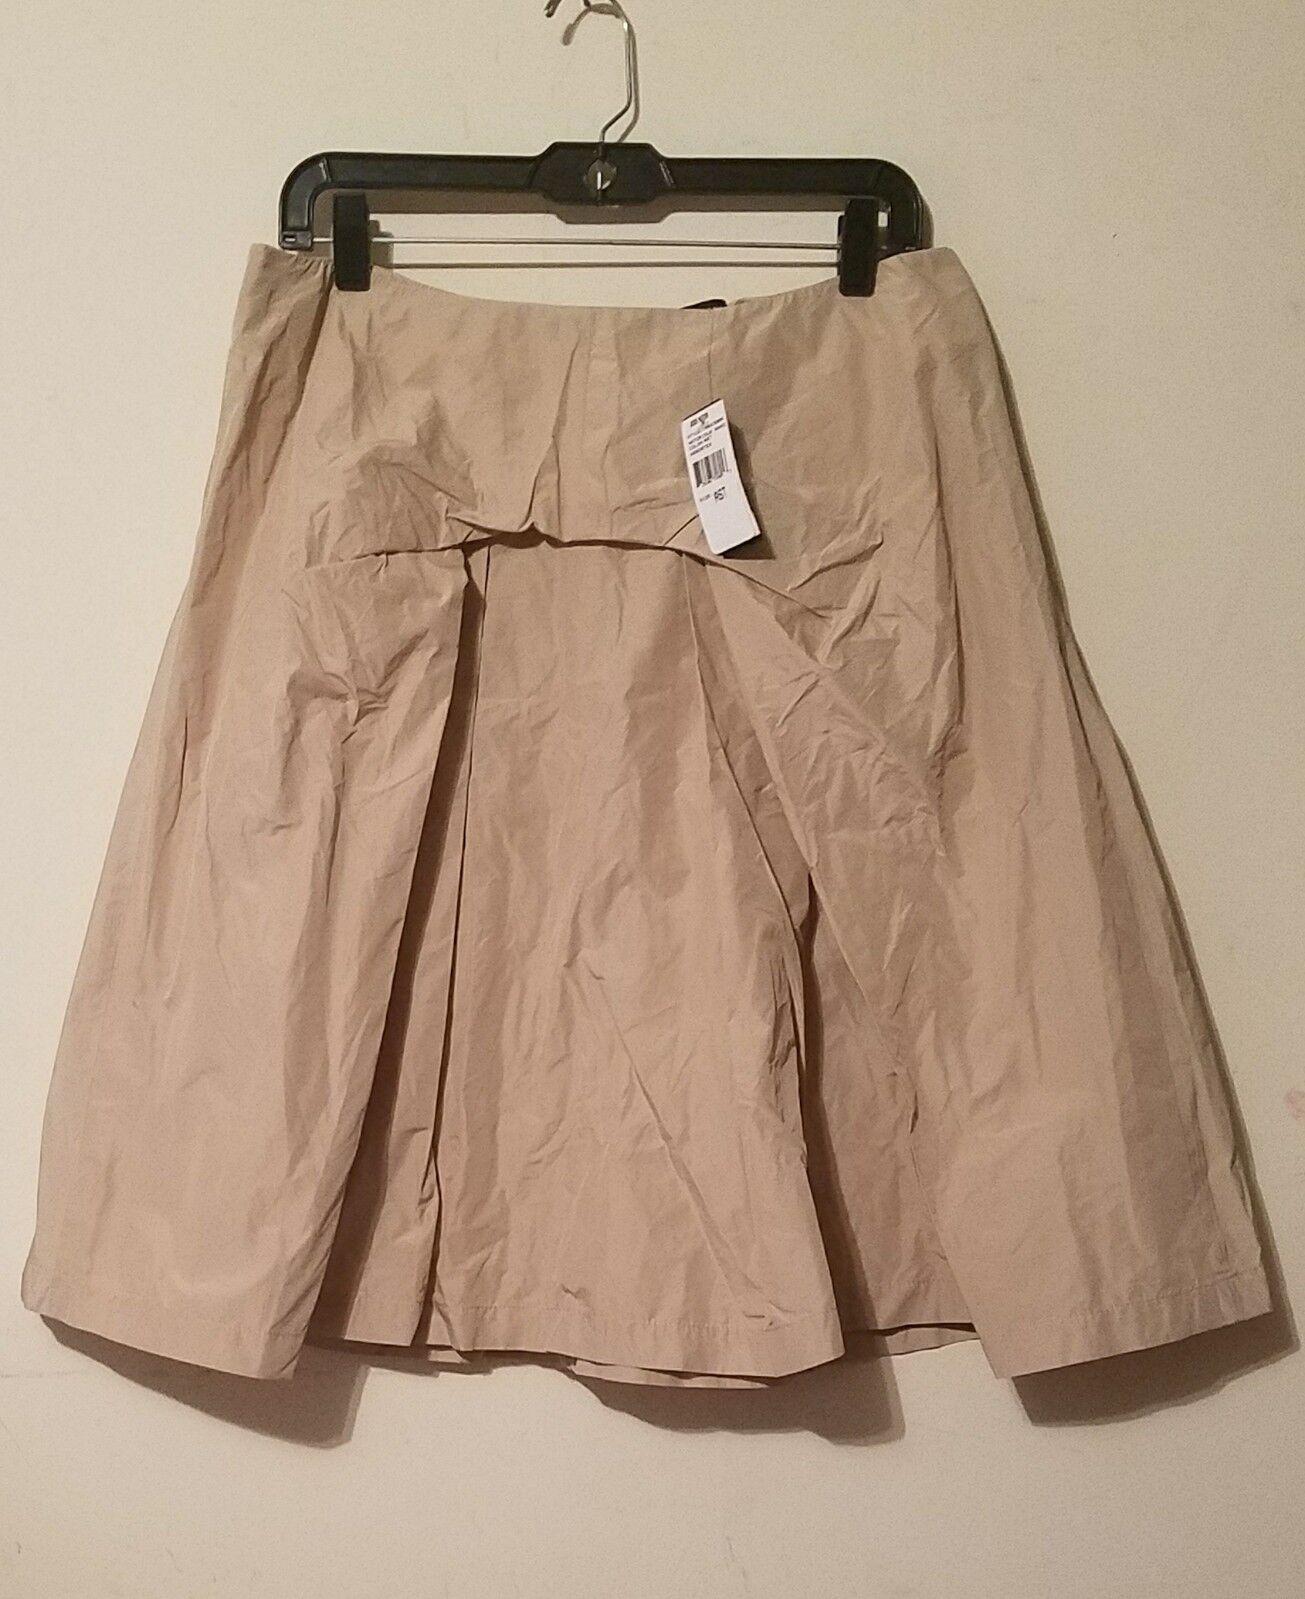 NWT Josie Natori Women Skirt Beige Sz 14